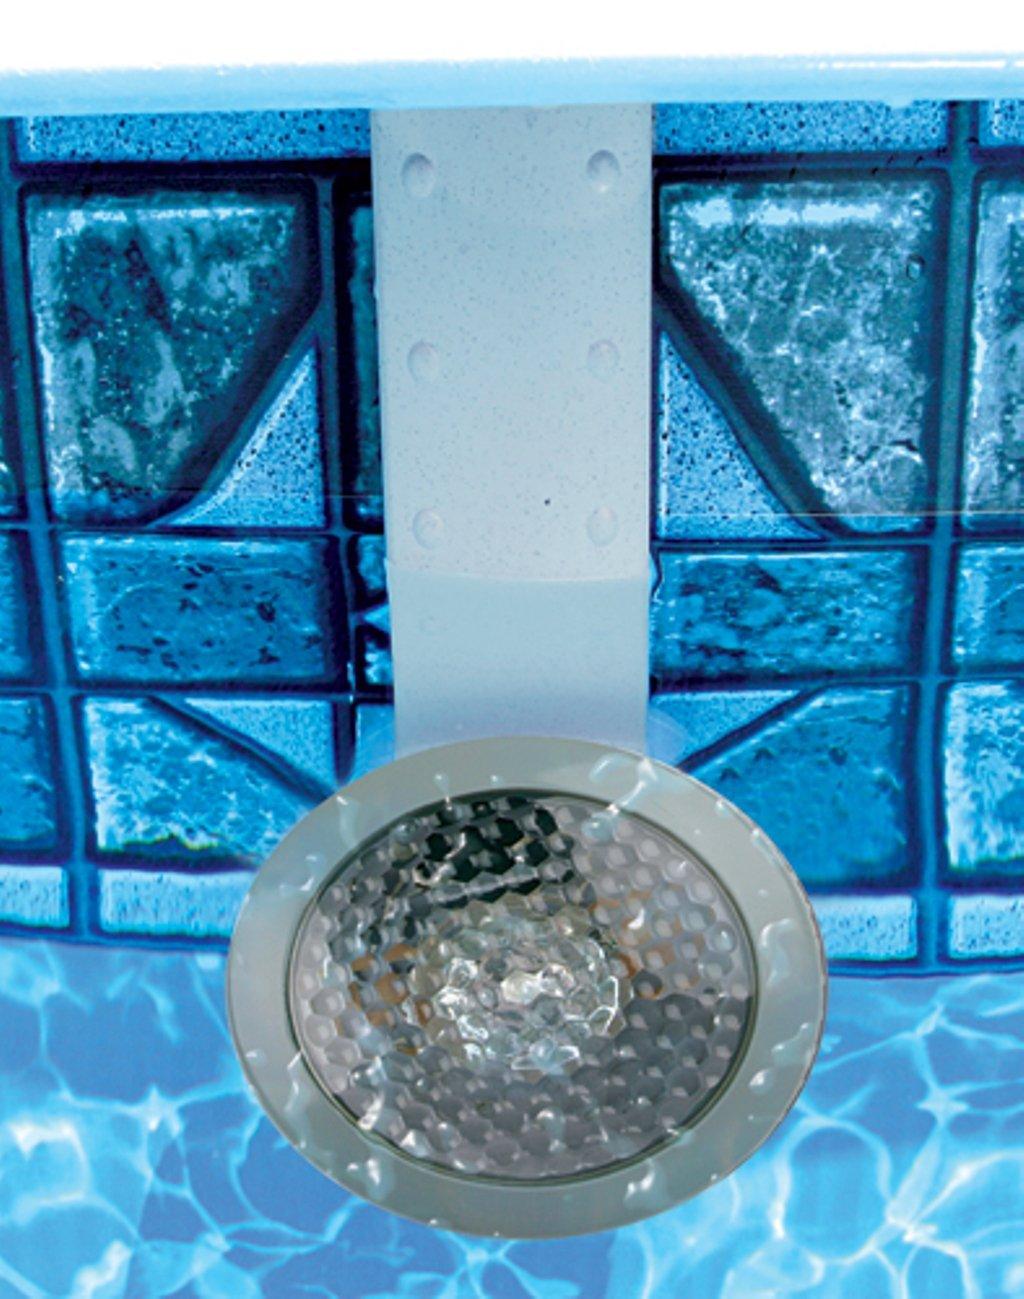 SmartPool NL35 NiteLighter Underwater Light for AG Pools